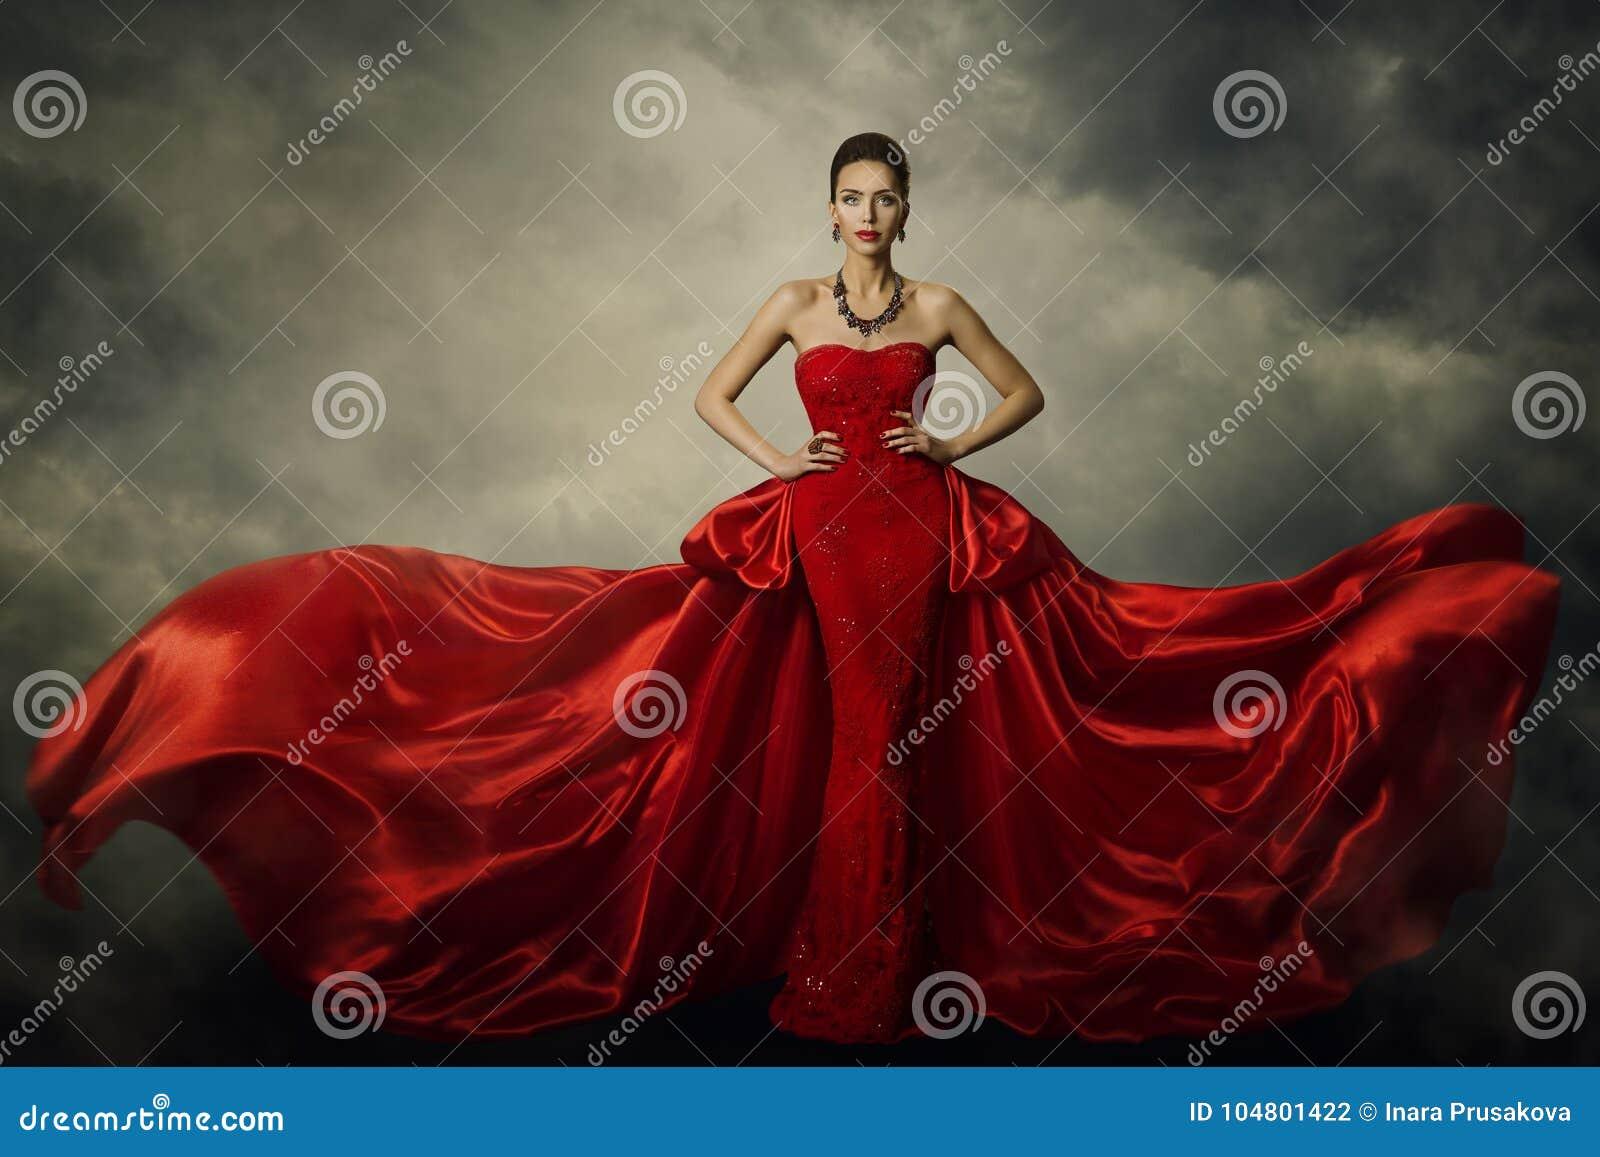 Modelo de forma Art Dress, vestido retro vermelho da mulher elegante